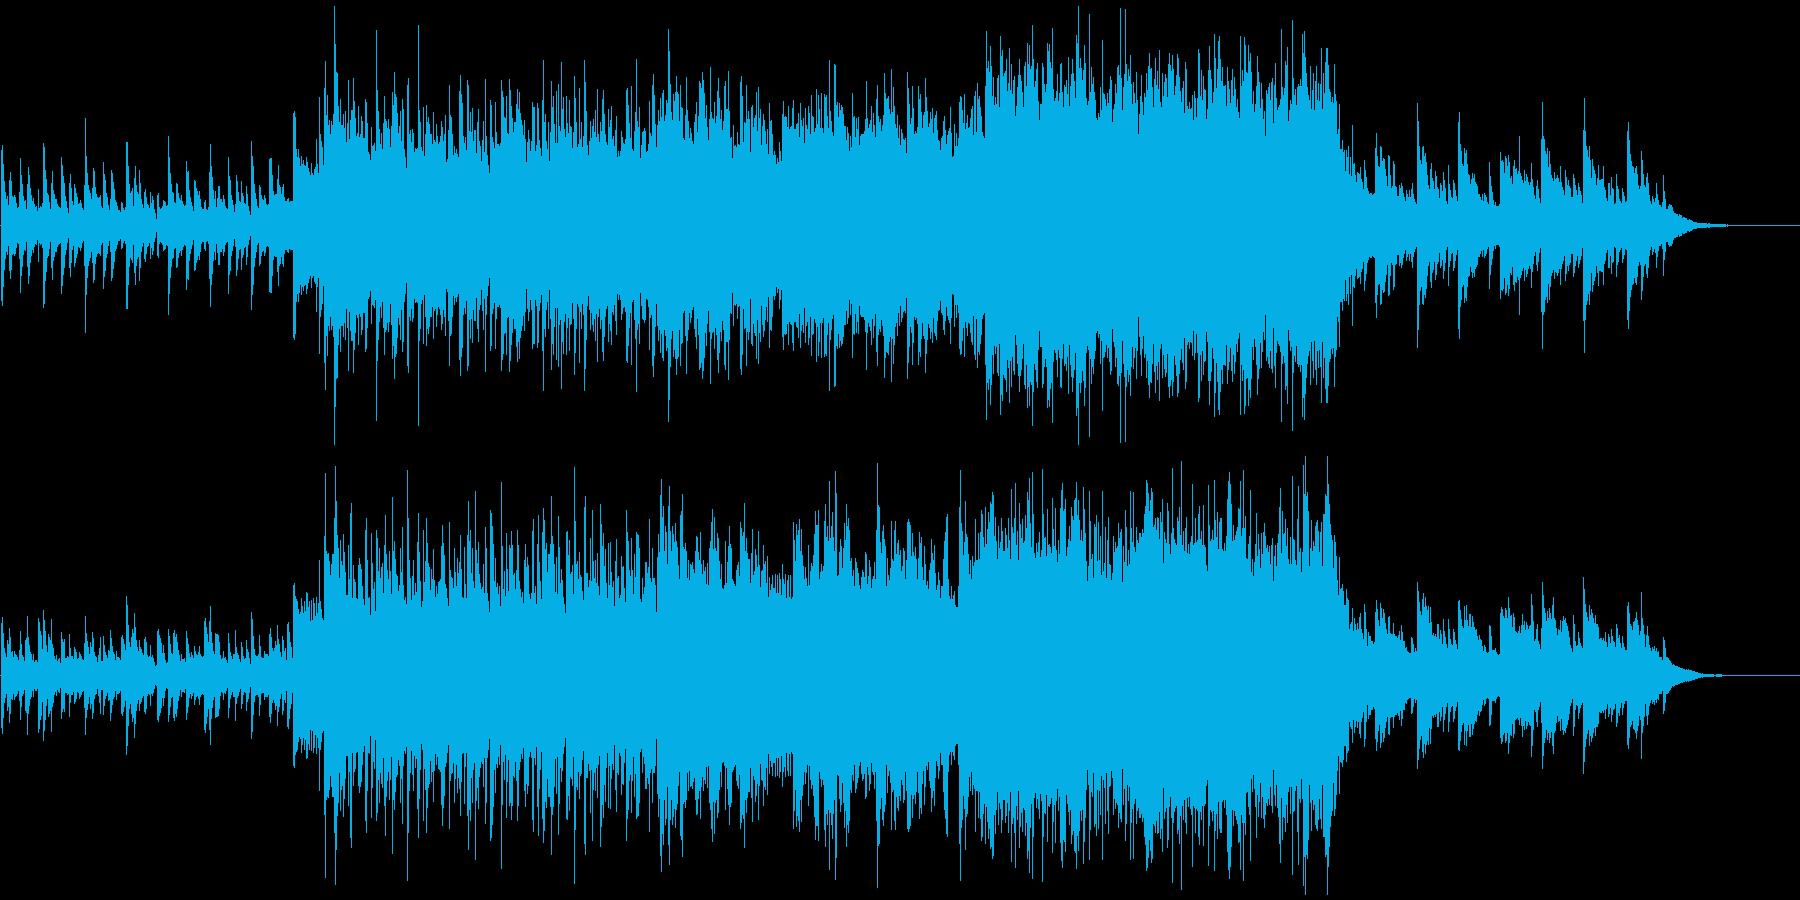 しっとりとした感動的なピアノバイオリン曲の再生済みの波形